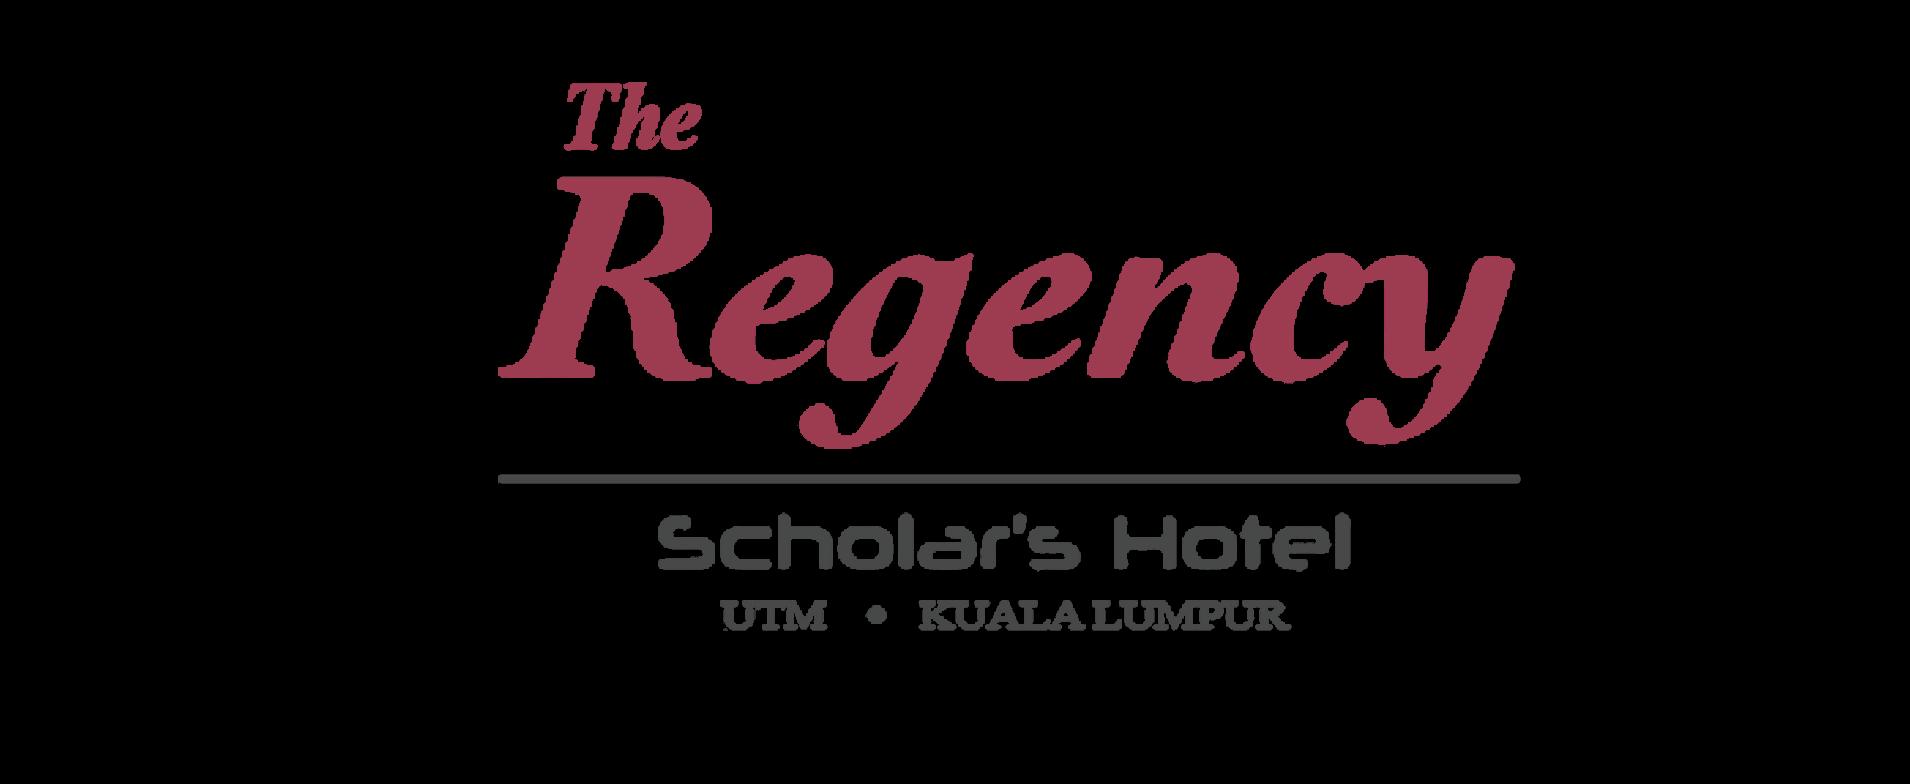 The Regency (1)